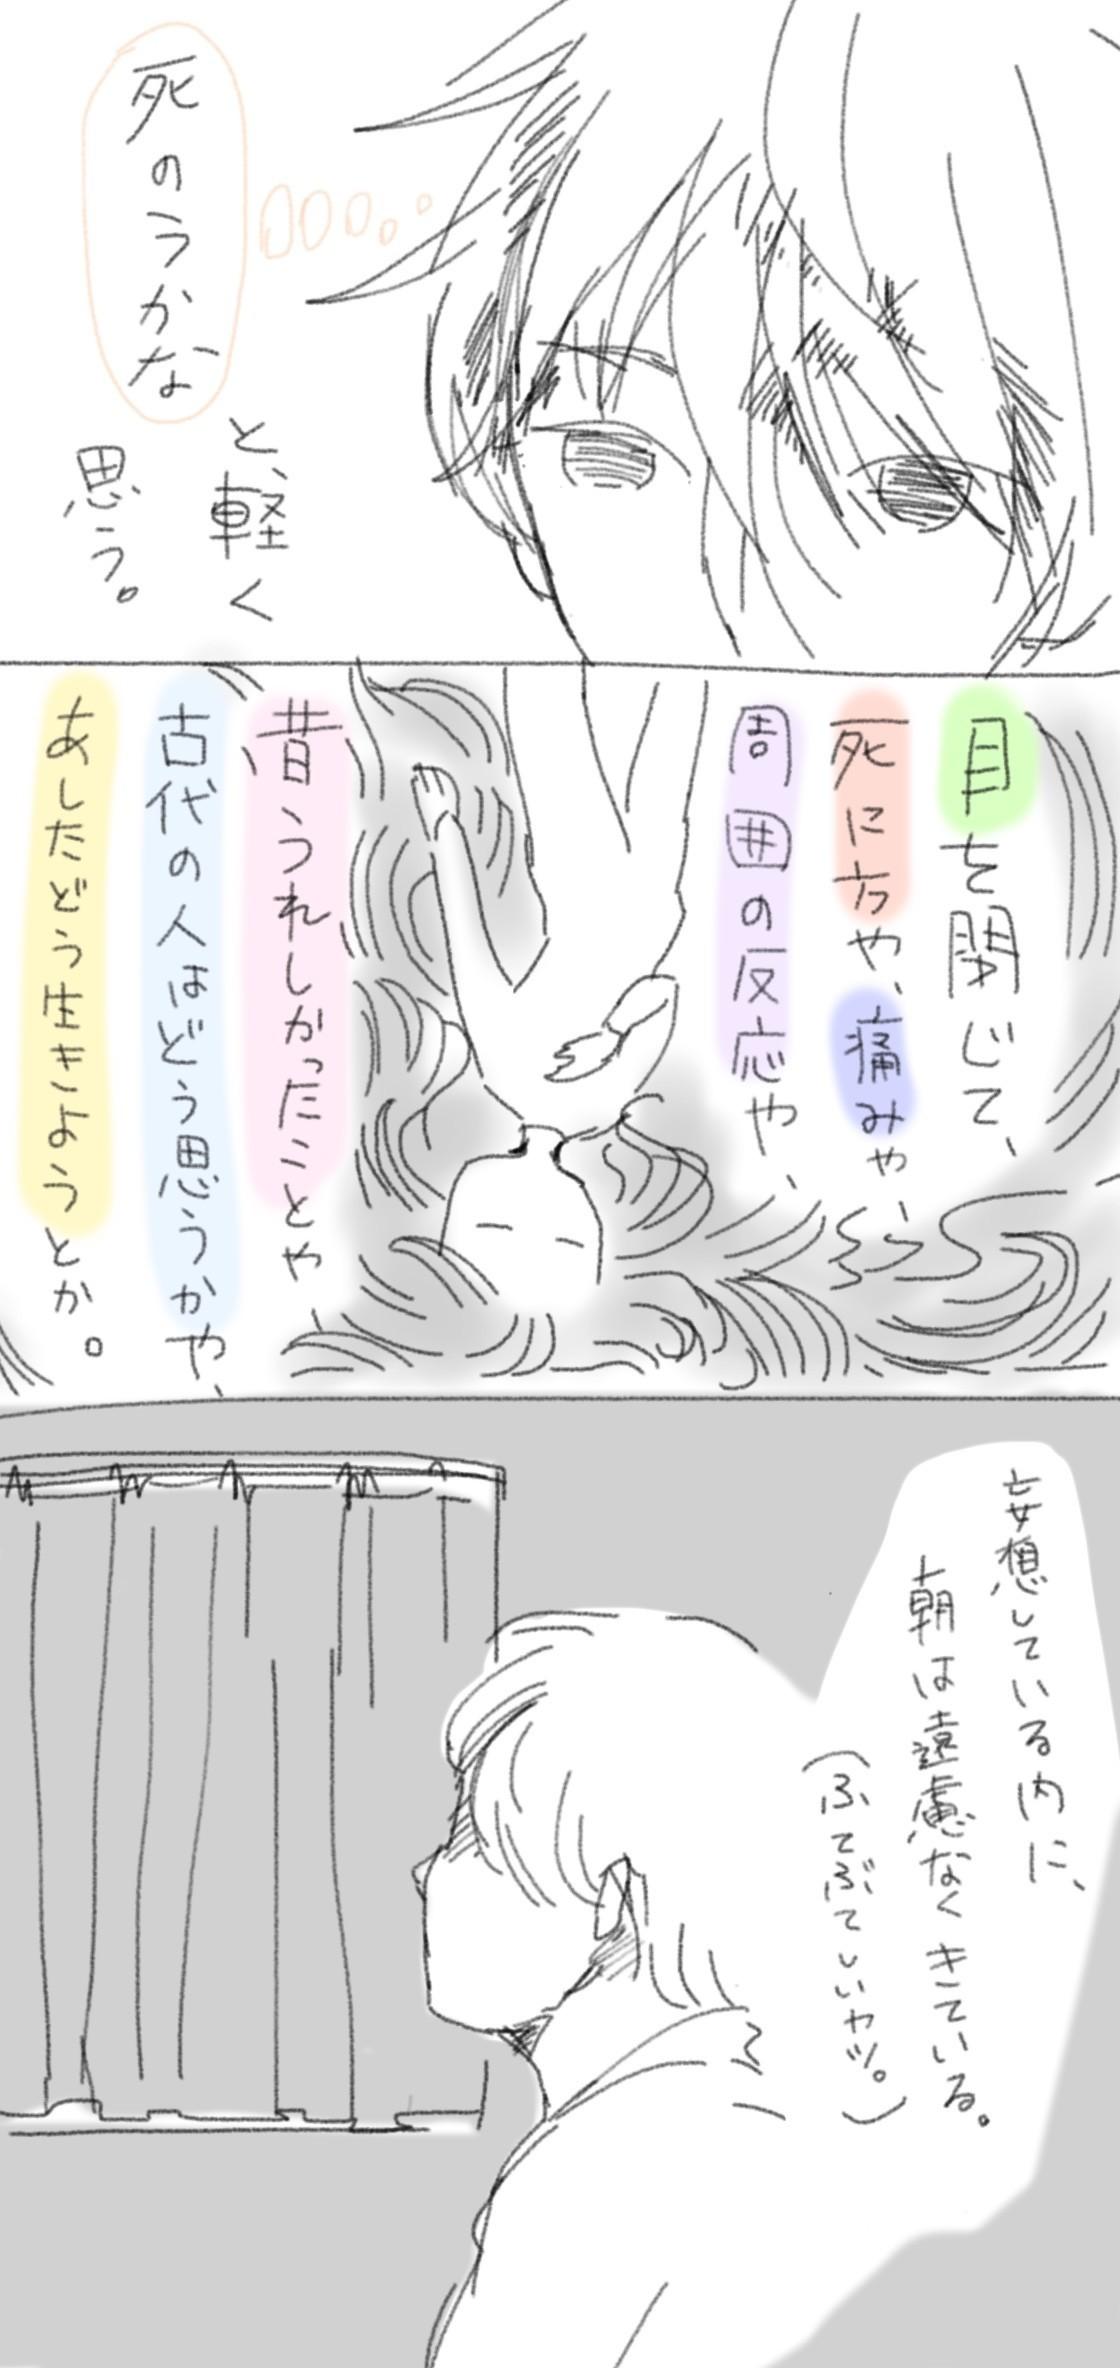 眠れない夜に描いた3コマ漫画。